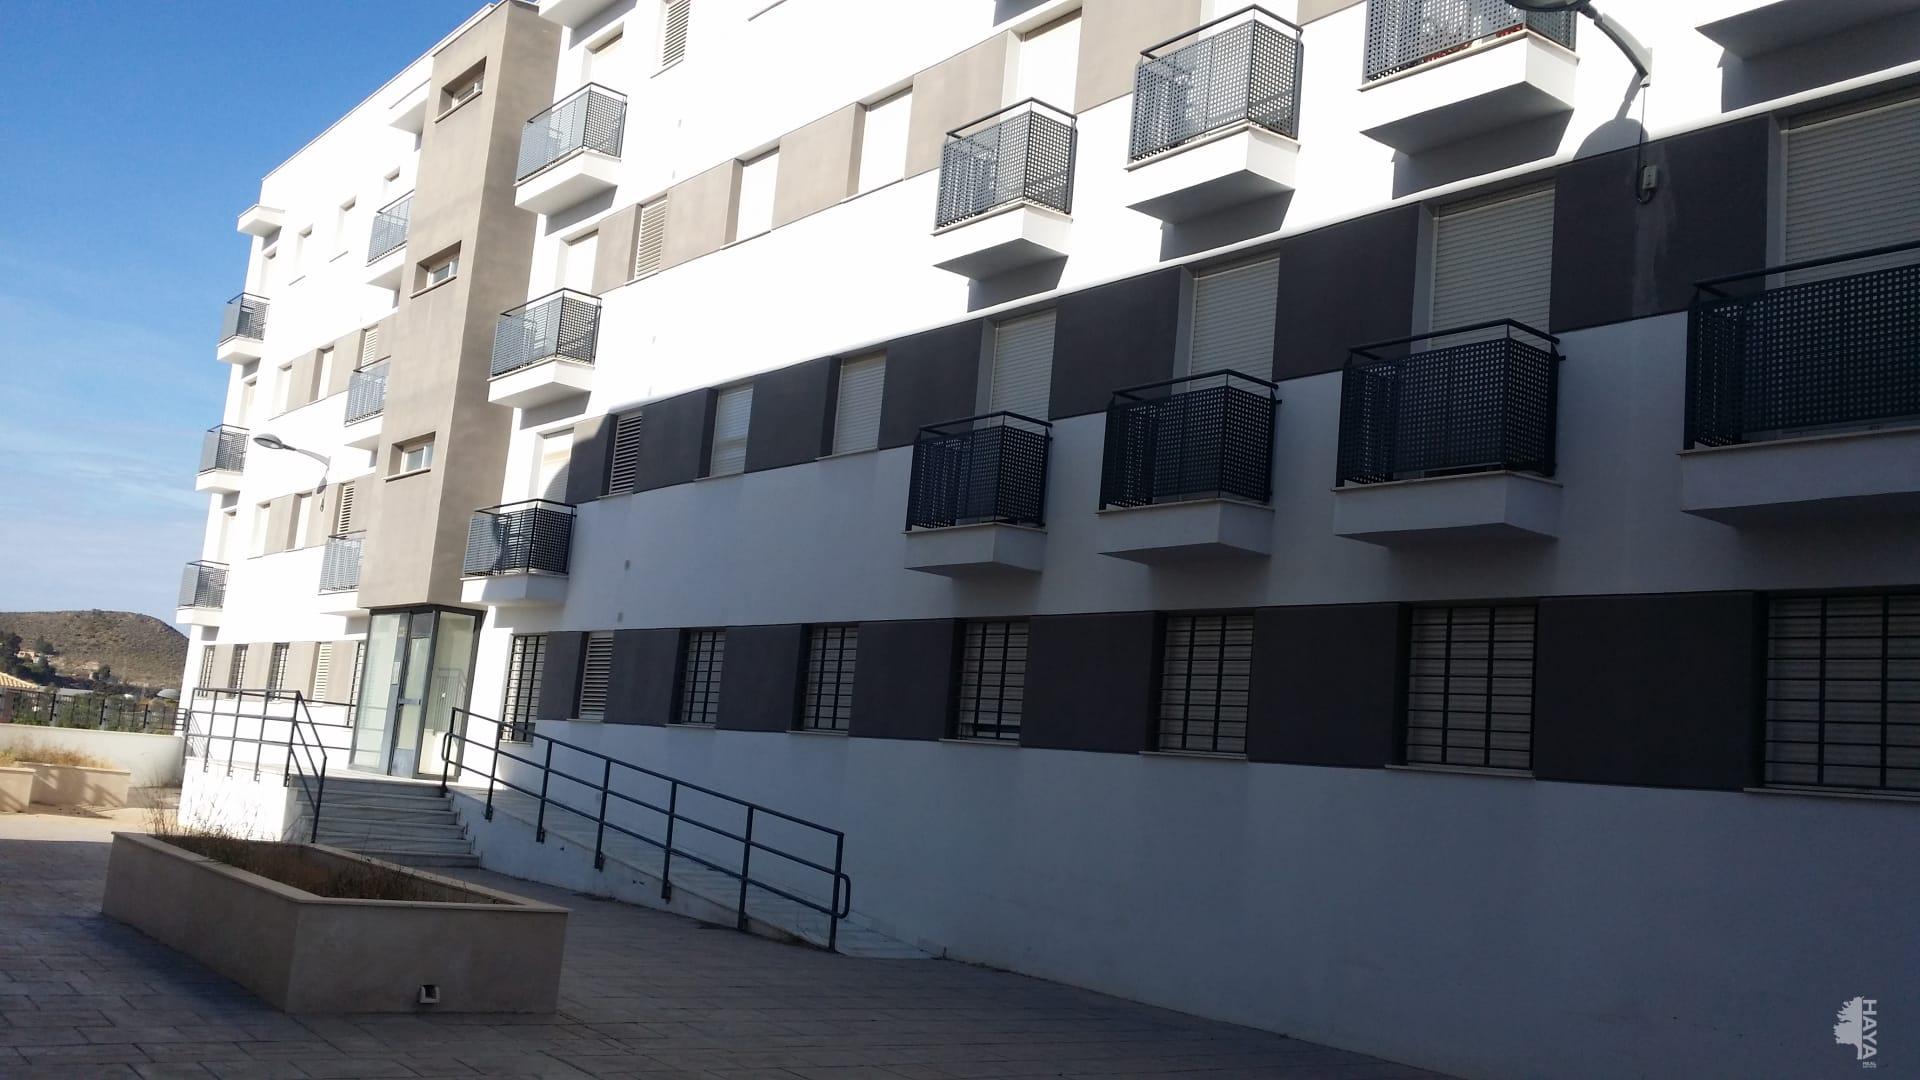 Piso en venta en Olula del Río, Almería, Calle Alta, 73.000 €, 3 habitaciones, 1 baño, 101 m2